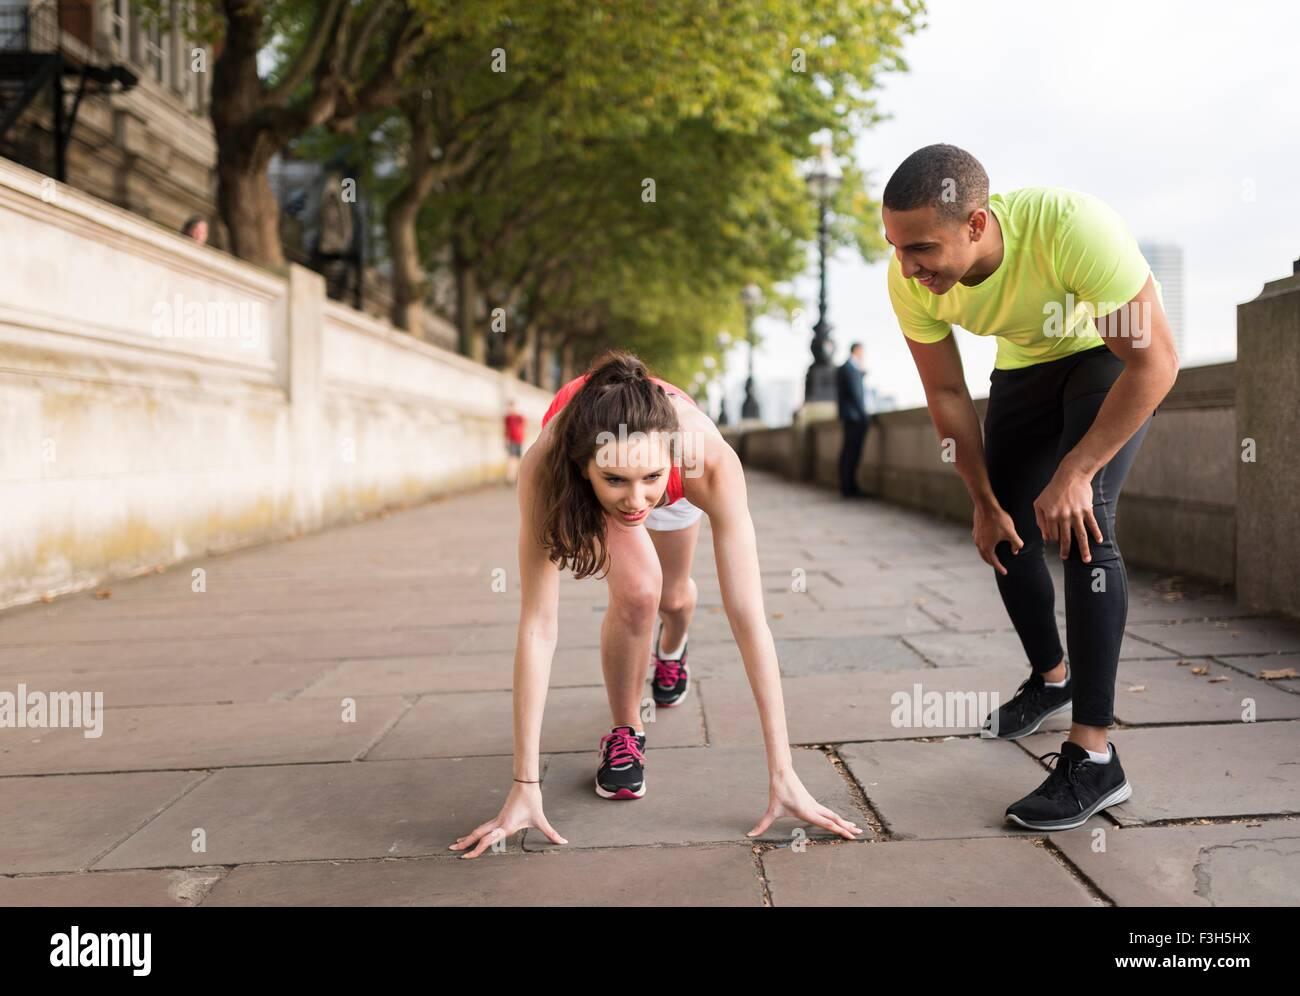 Formador de jóvenes machos practicando comienza con corredoras en riverbank Imagen De Stock